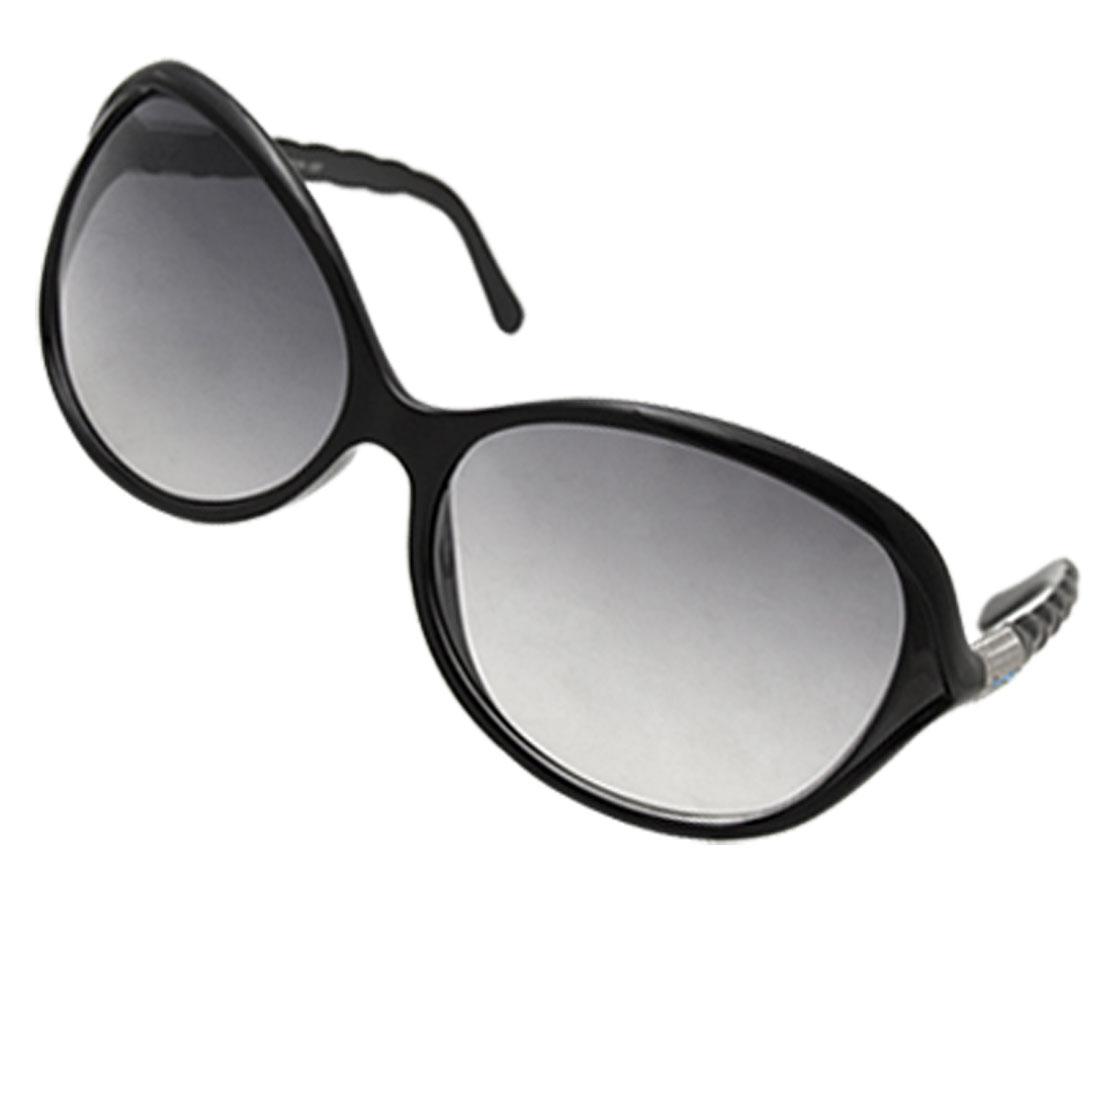 Fashionable Black Frame Unisex Sunglasses Eyewear